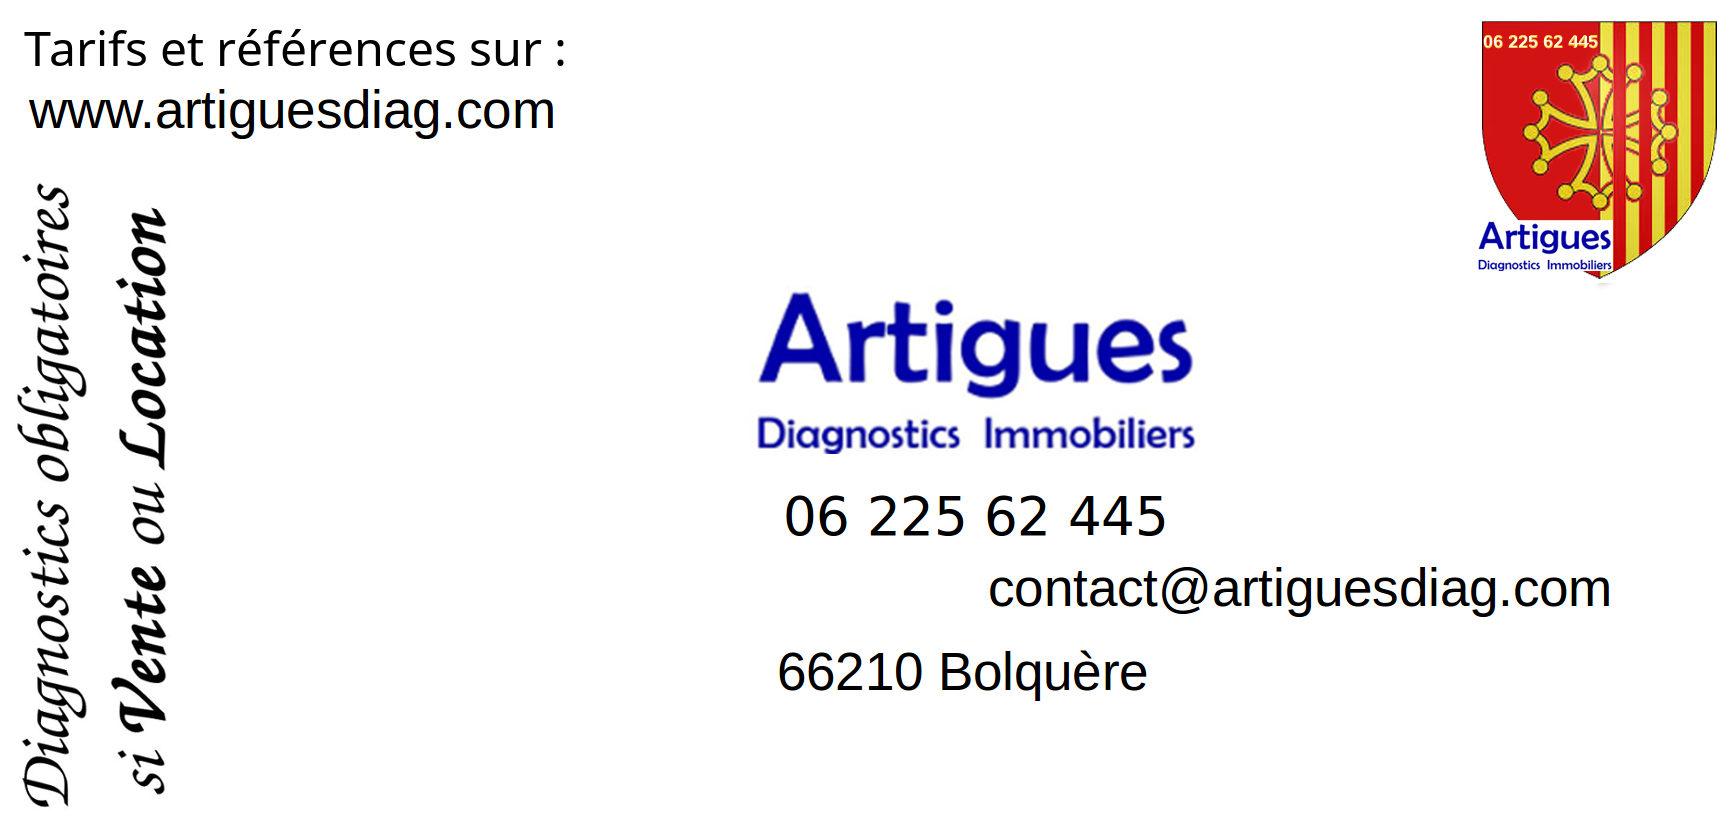 Carte de visite d'ARTIGUES diagnostics immobiliers en Conflent, Cerdagne, Haute Ariège, Pyrénées Audoises et Catalanes